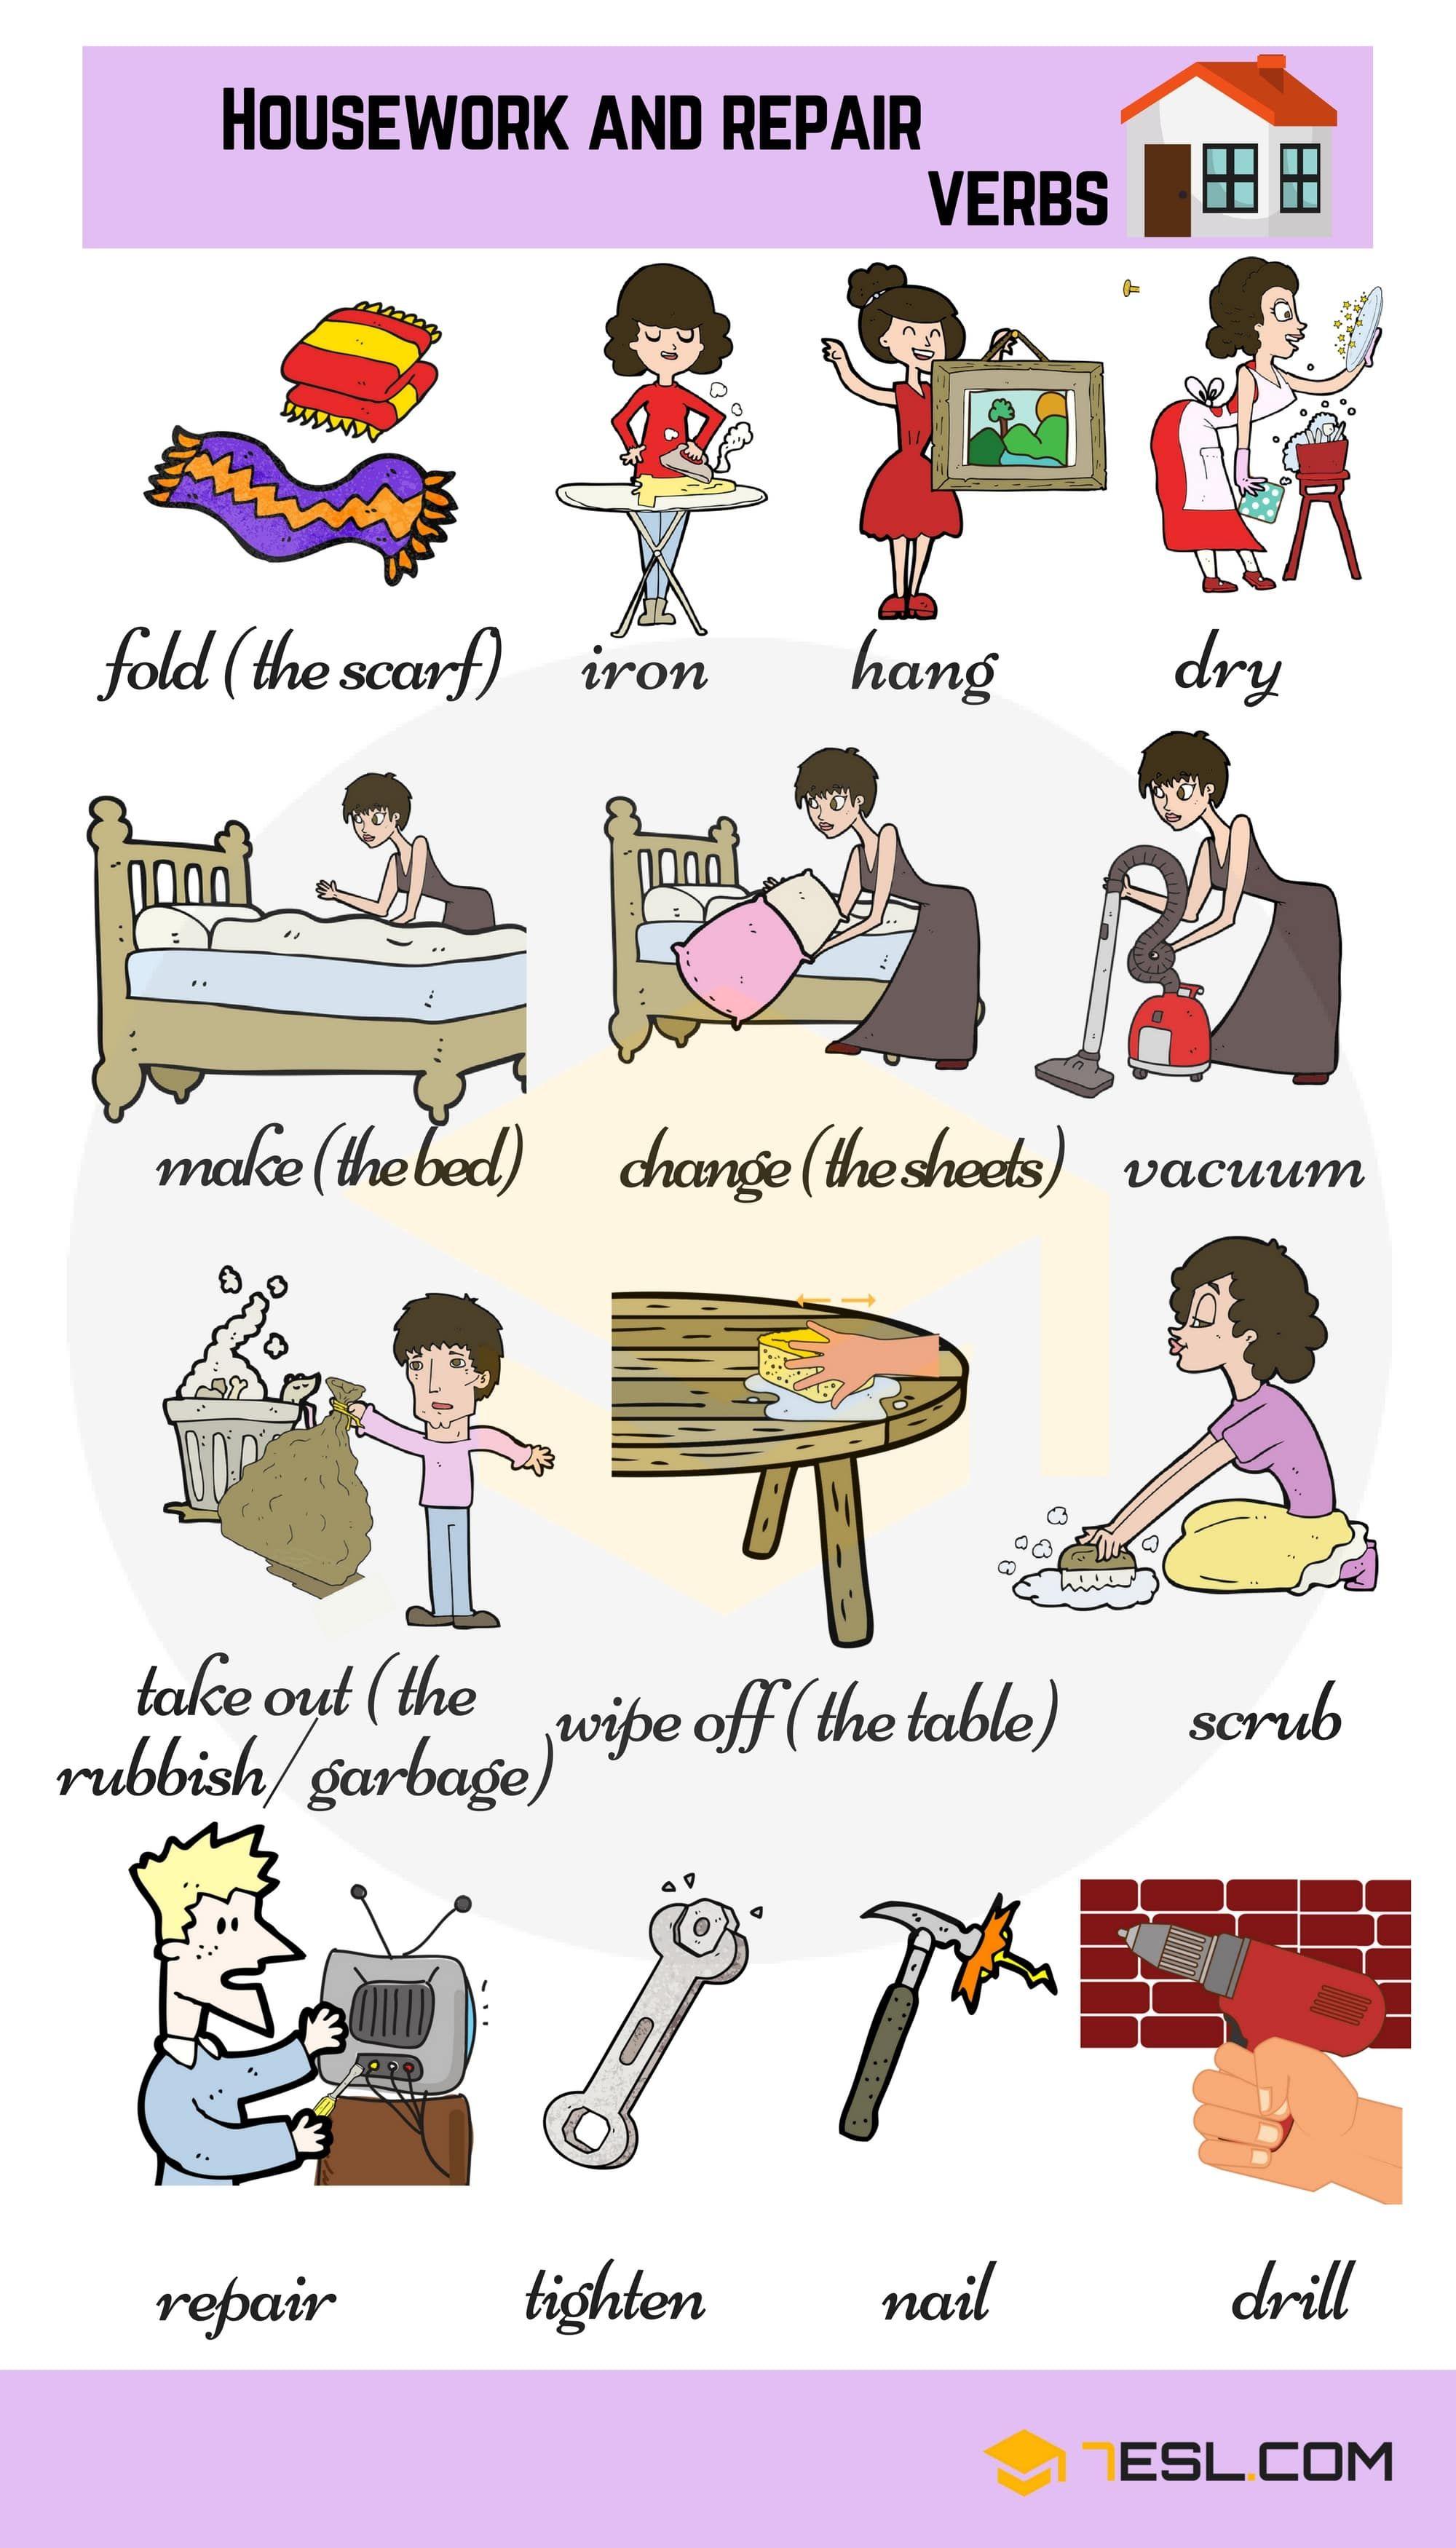 Housework And Repair Verbs